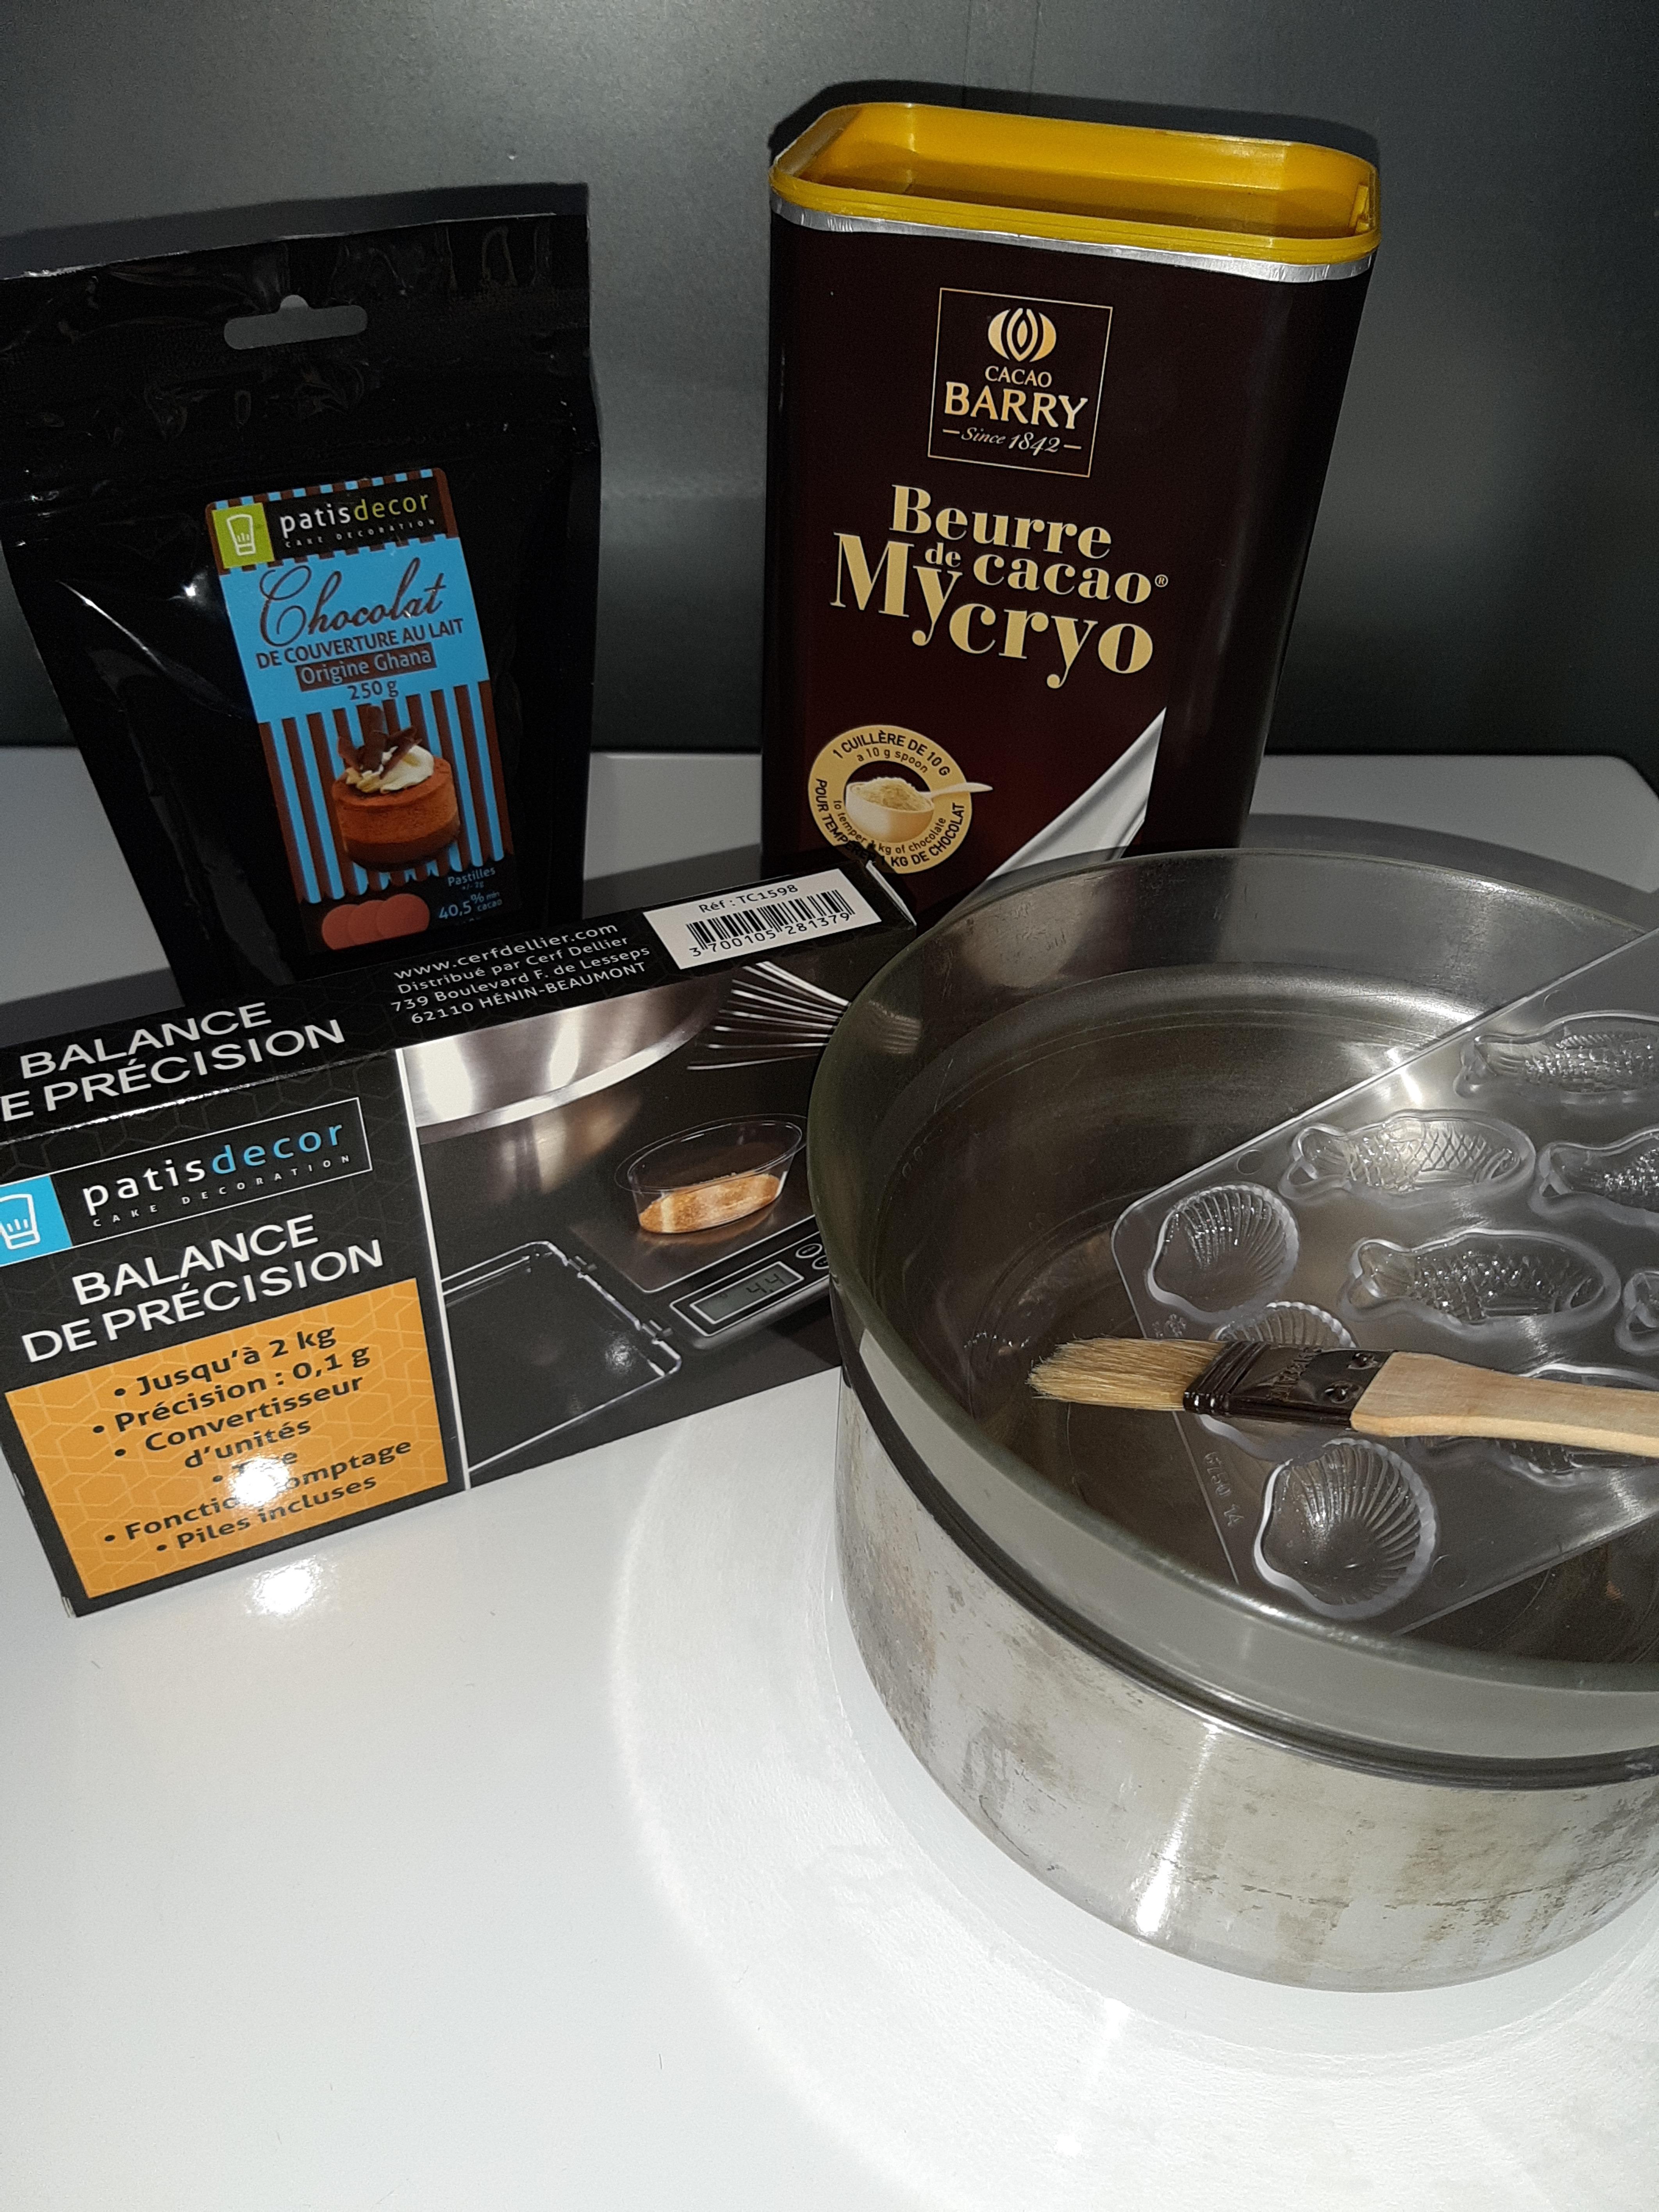 Mycryo (beurre de cacao)